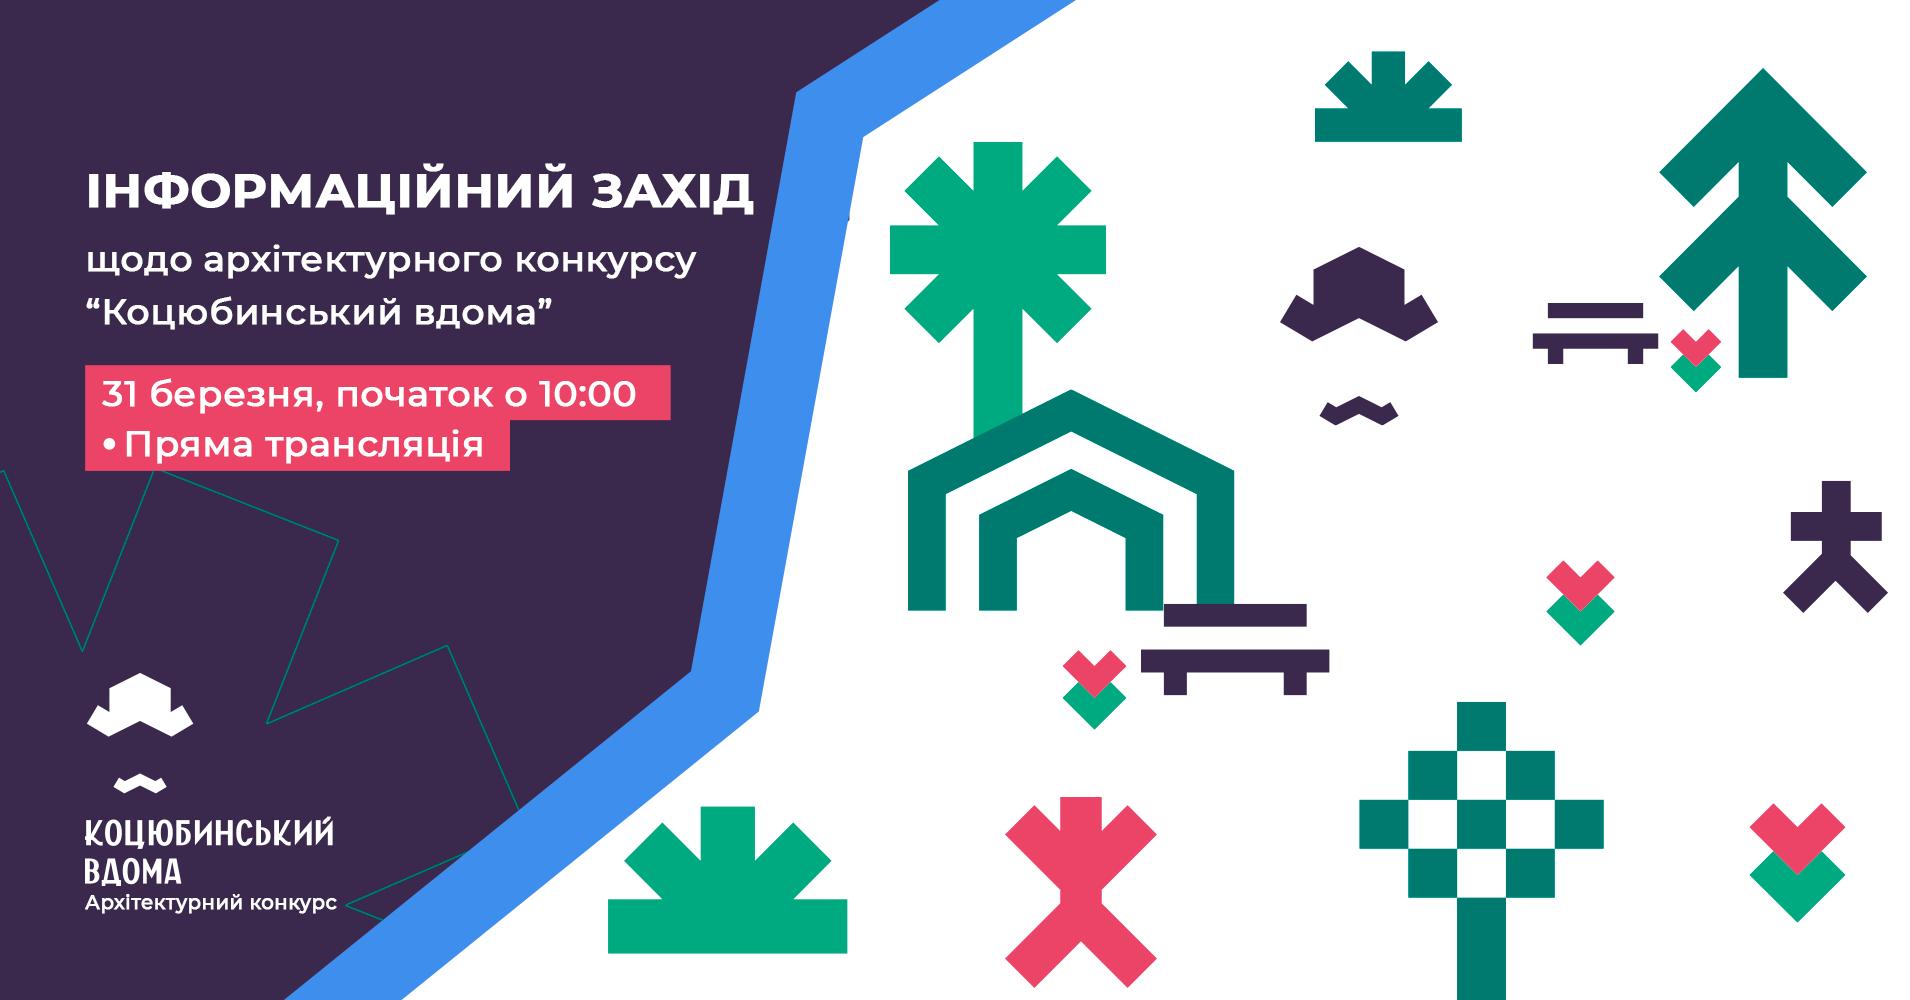 """Архітектурний конкурс """"Коцюбинський вдома"""""""